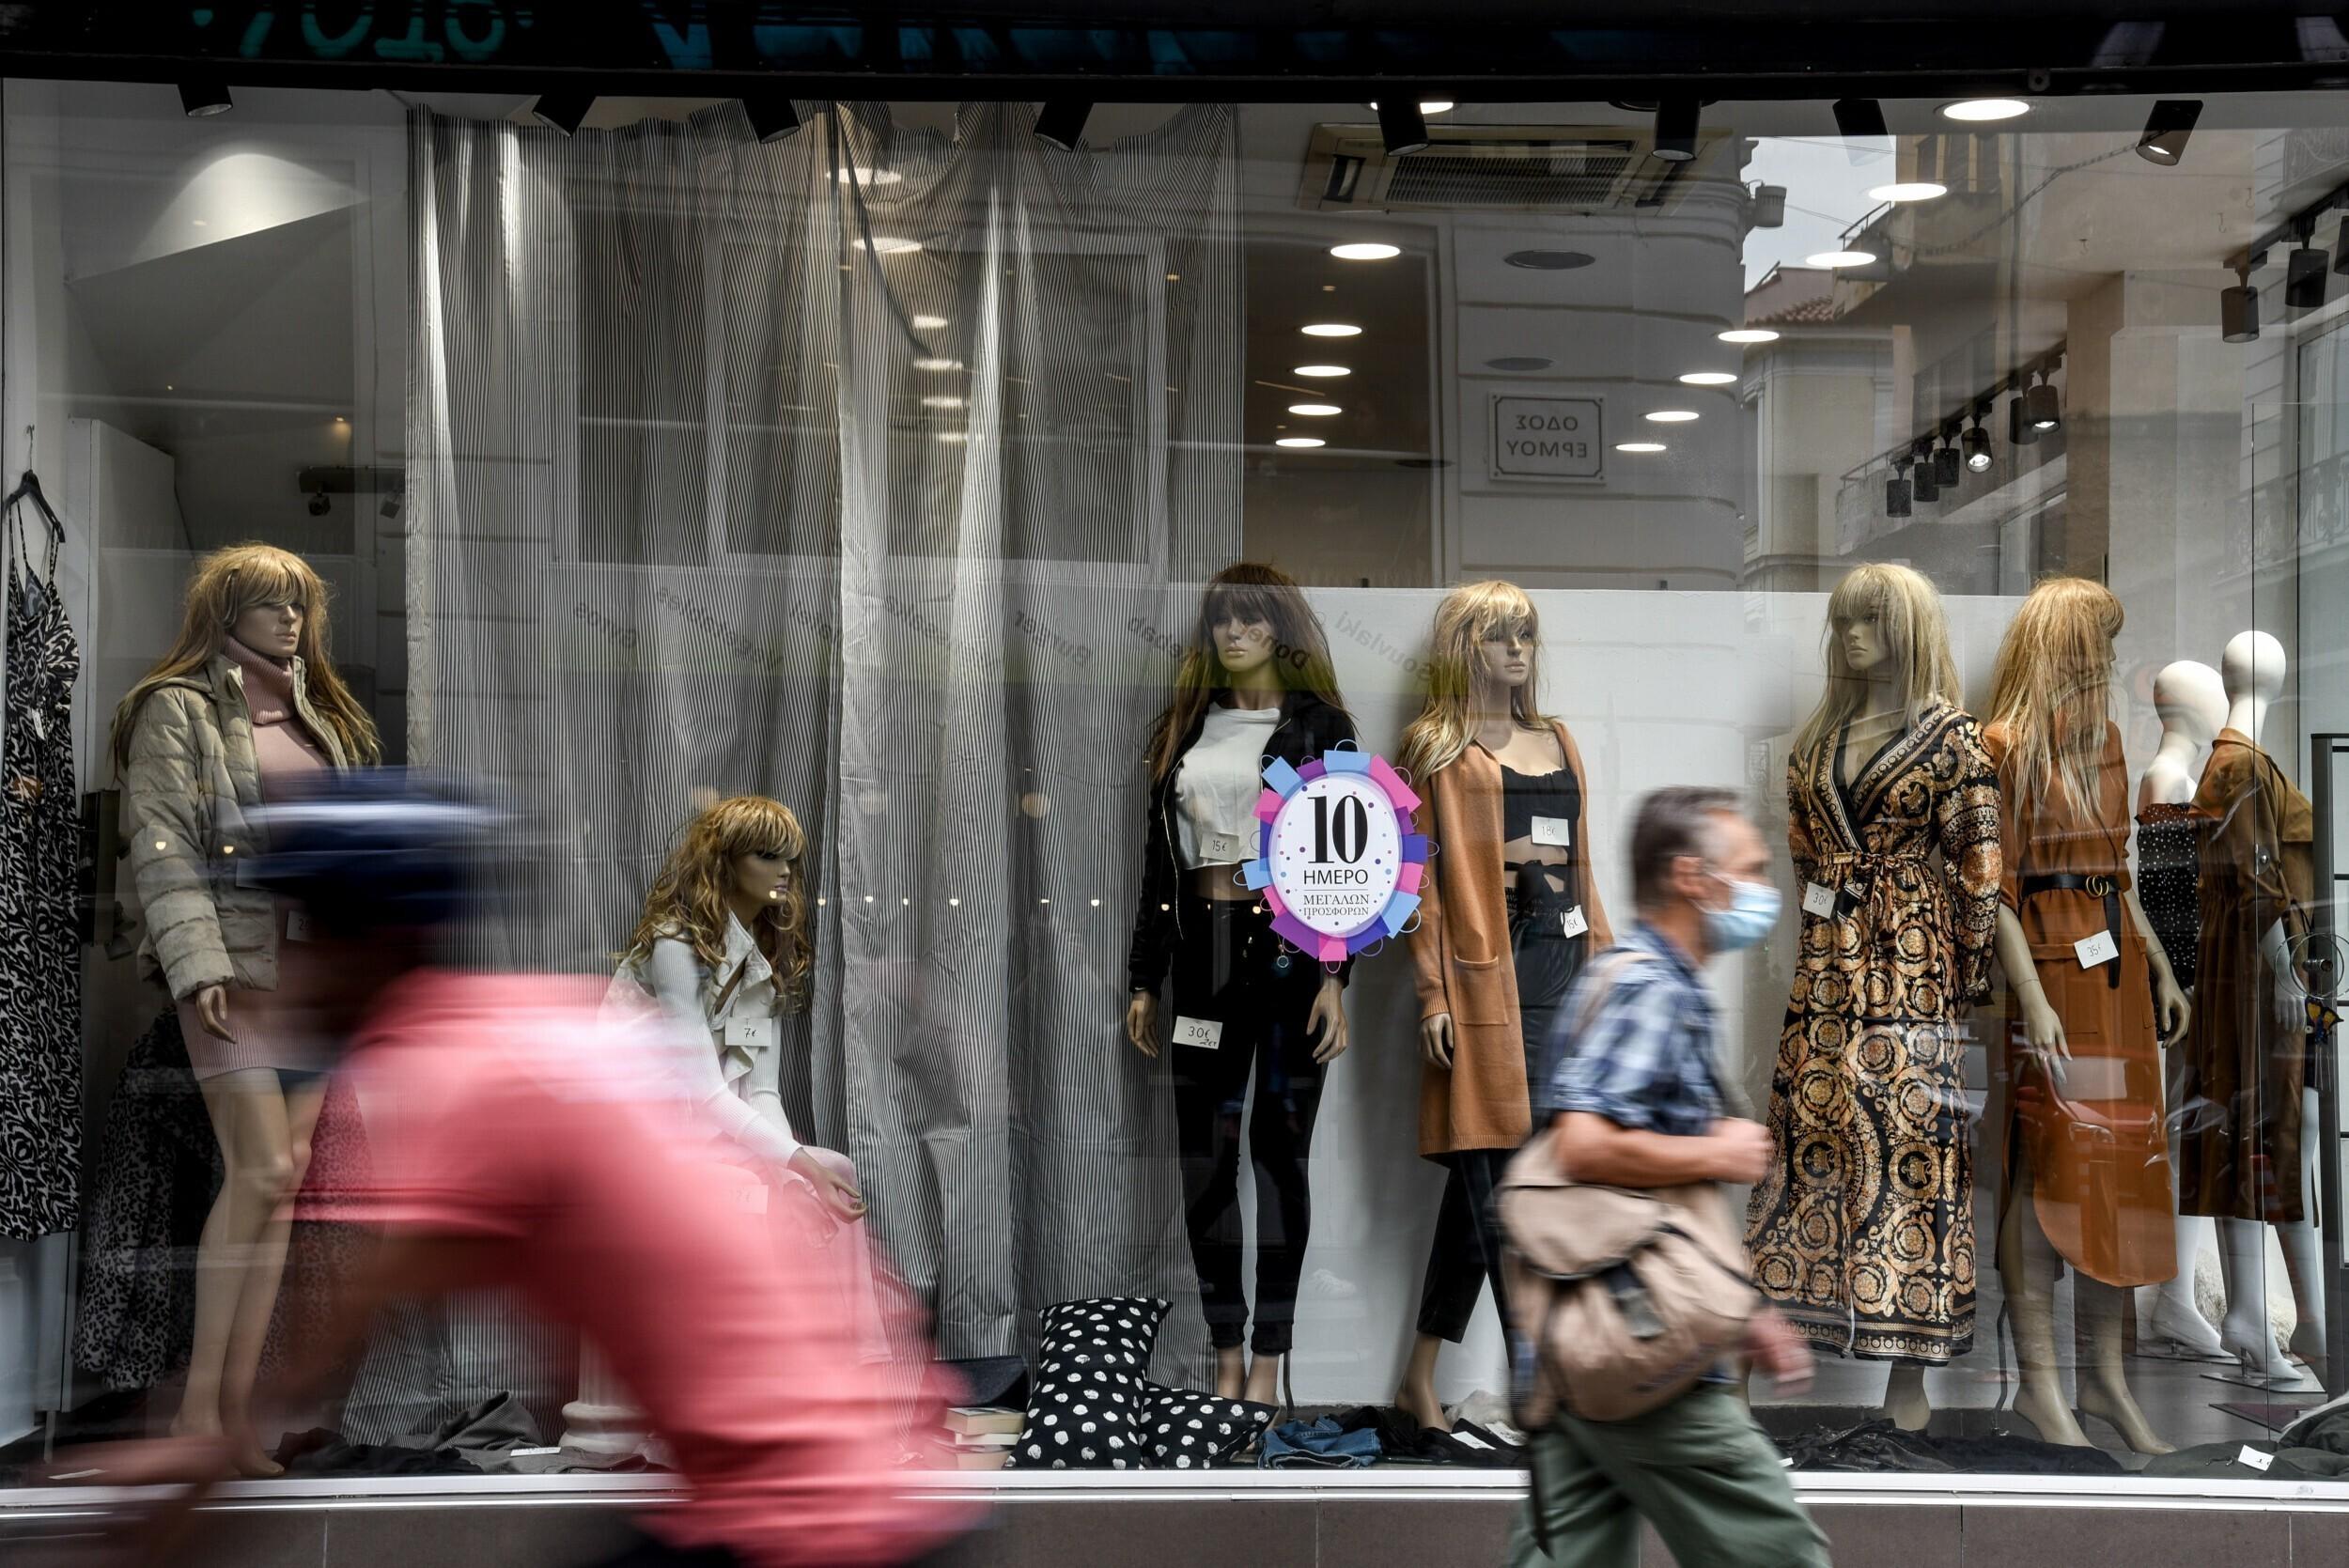 ΕΣΑ: Με απώλειες η επανεκκίνηση του λιανεμπορίου – Τι δείχνουν τα στοιχεία